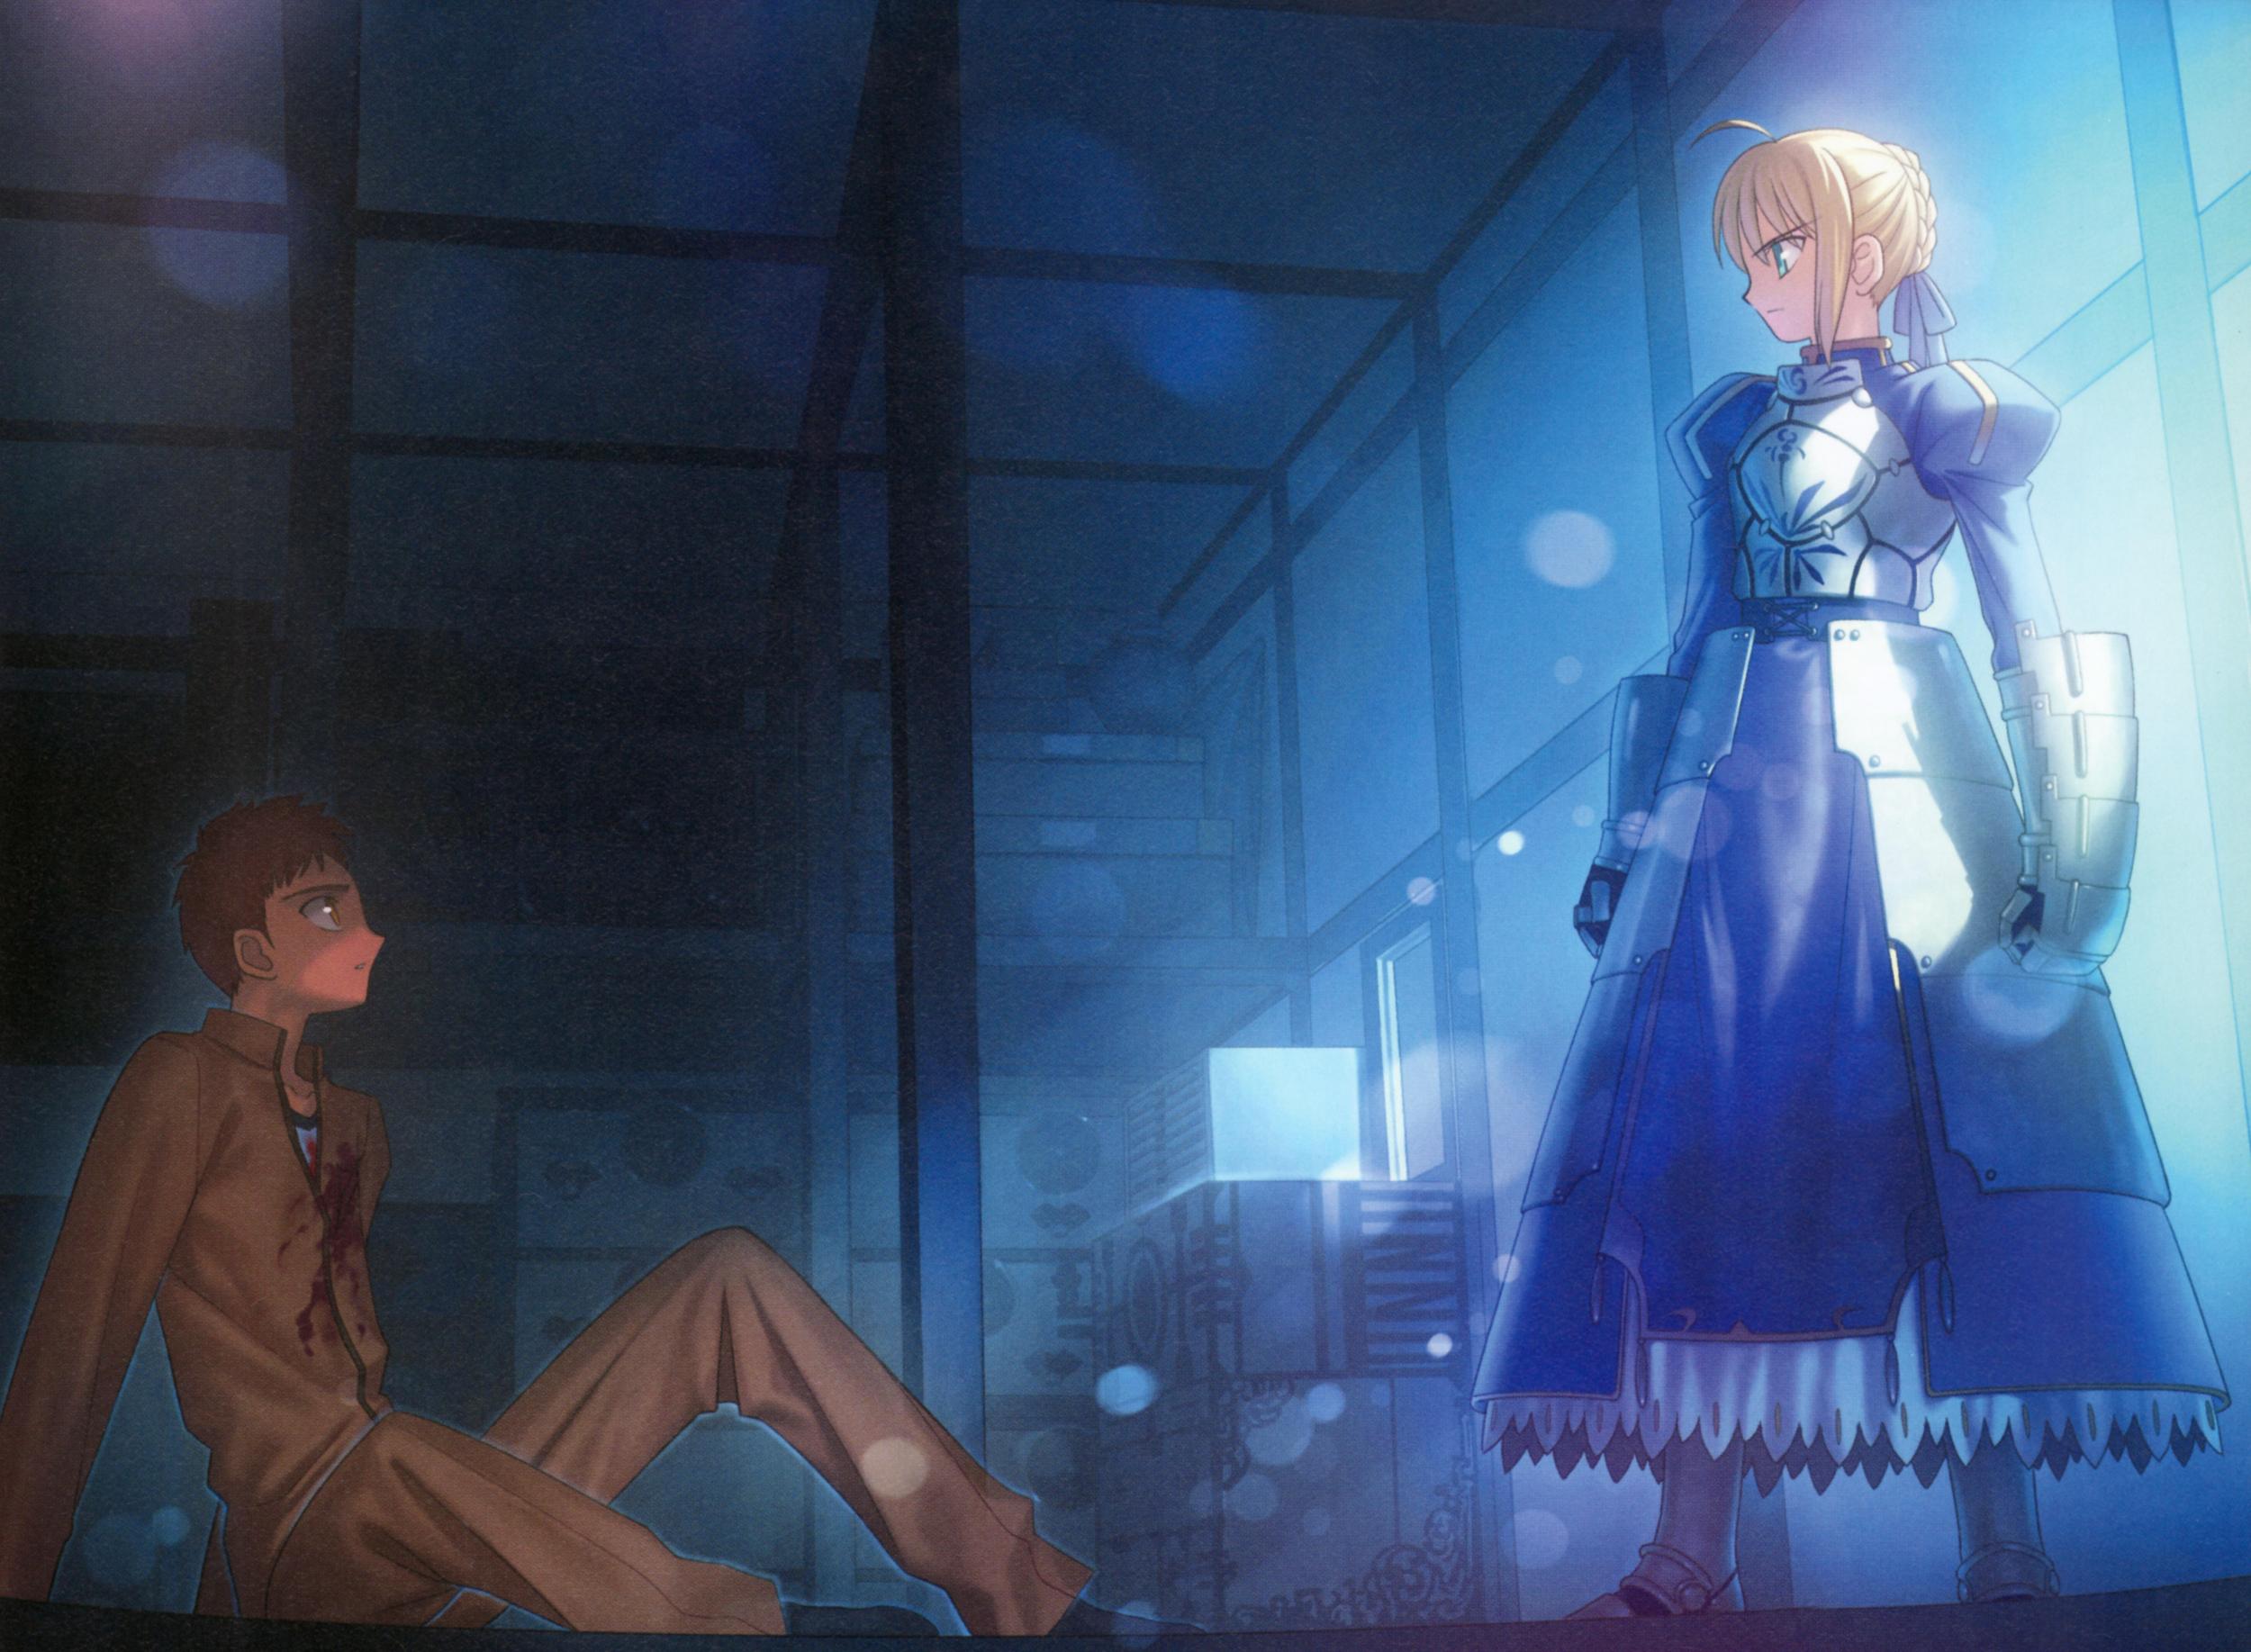 Shirou summons Saber